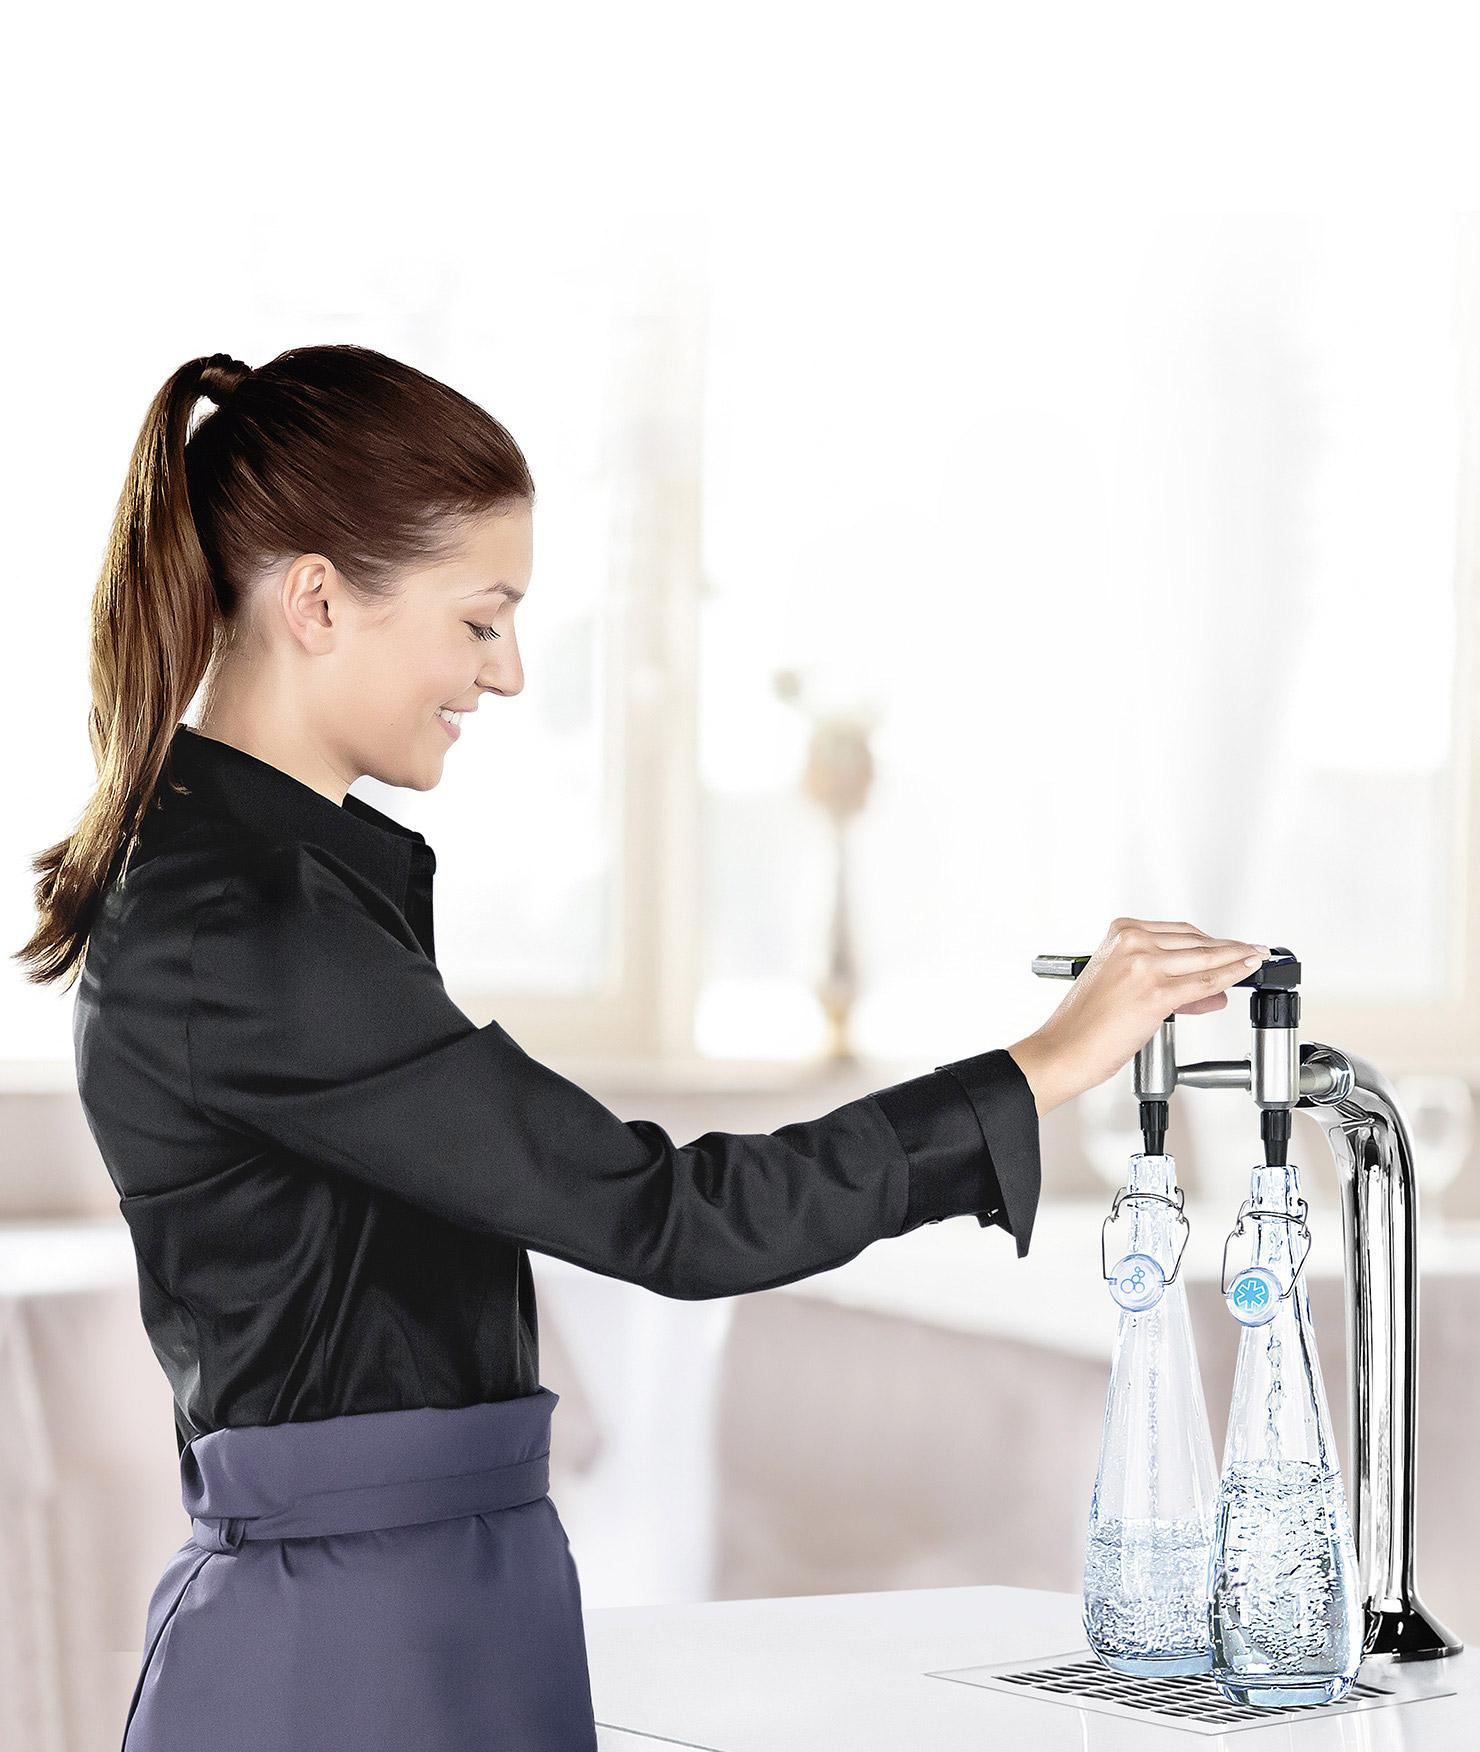 Tafelwasseranlage in der Gastronomie